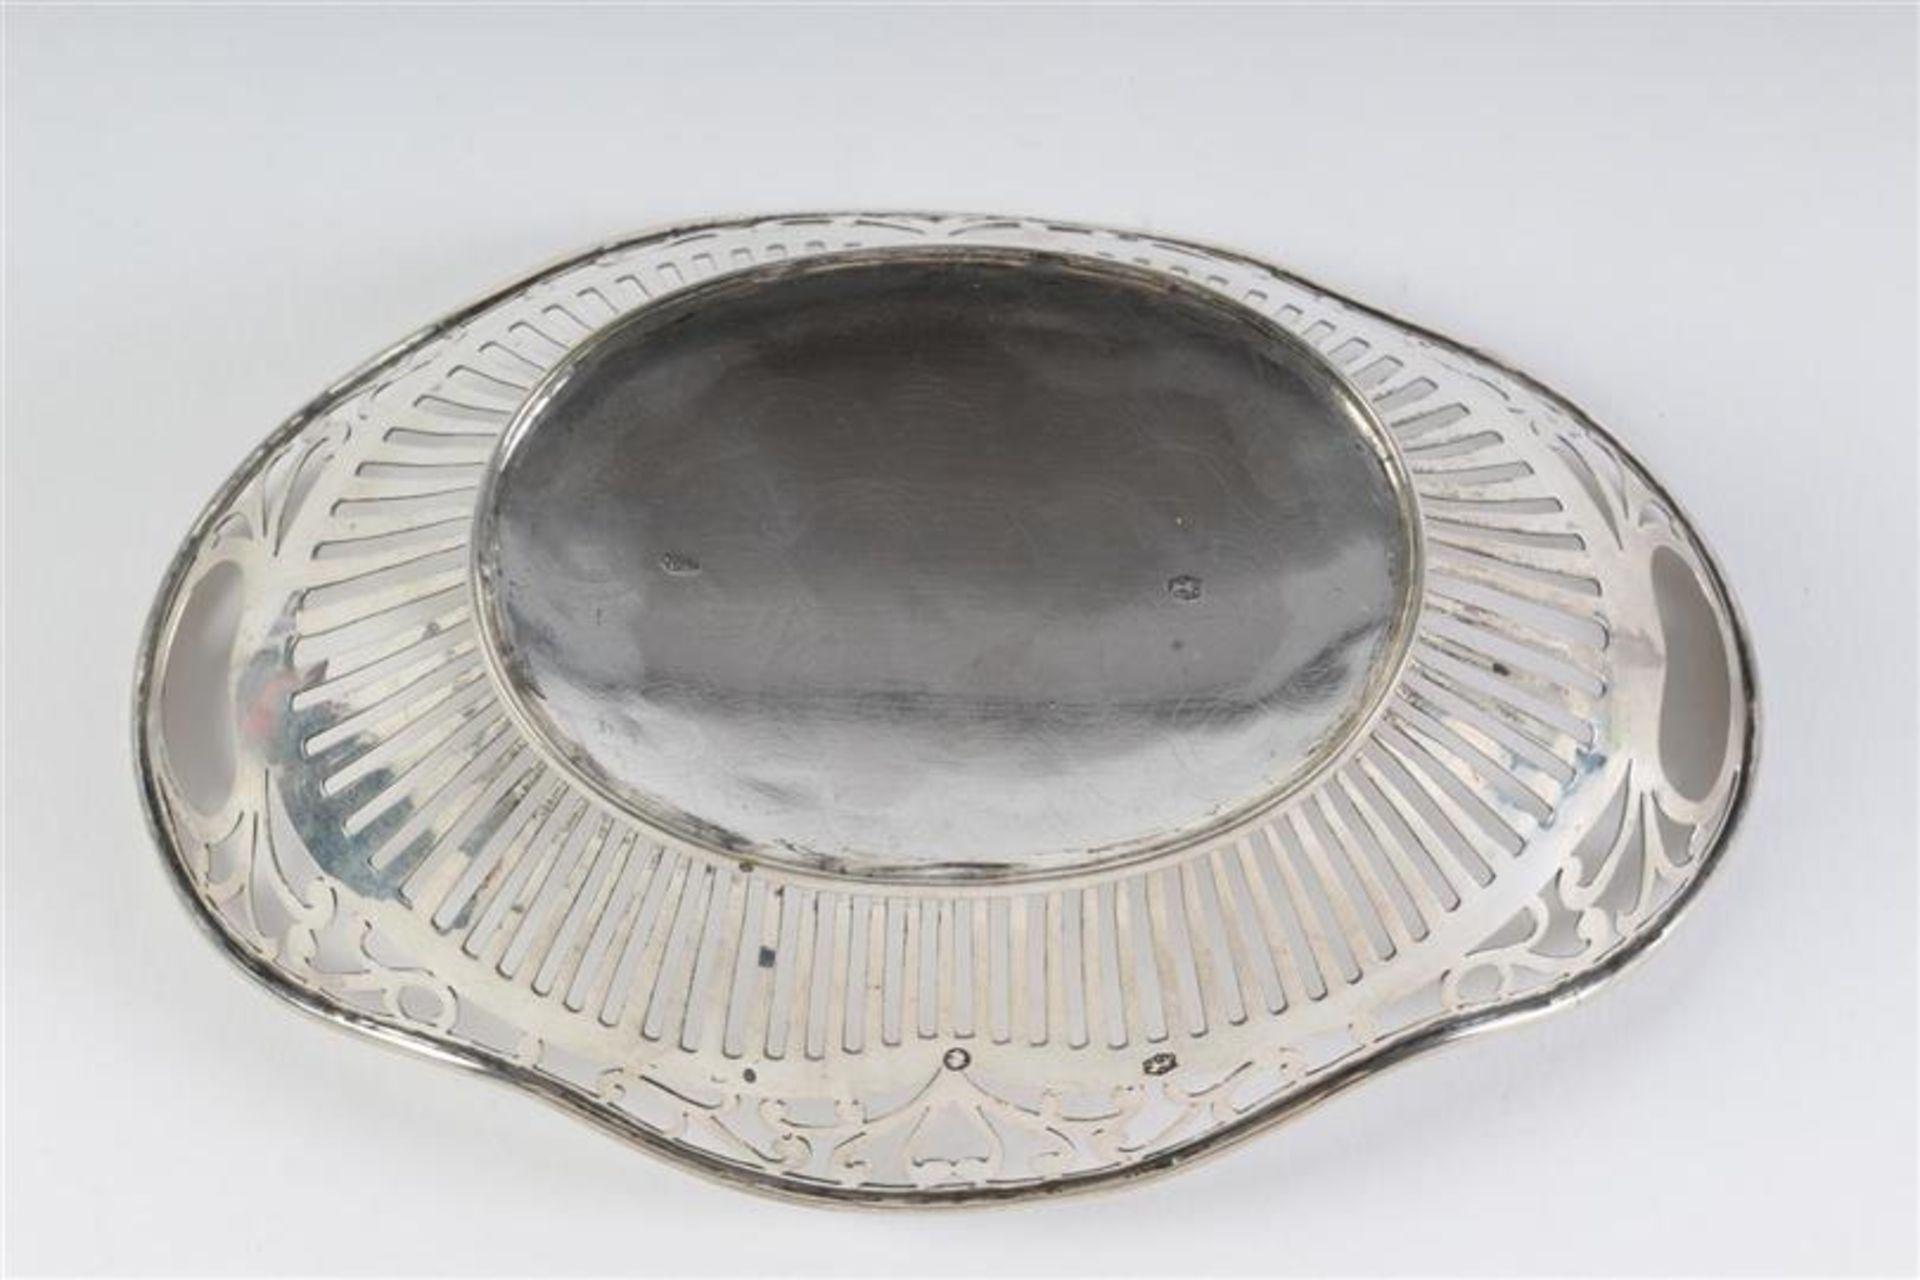 Zilveren bonbonmandje, Holland, 20e eeuw. L: 14. 5 cm. Gewicht: 68 g. - Bild 2 aus 3